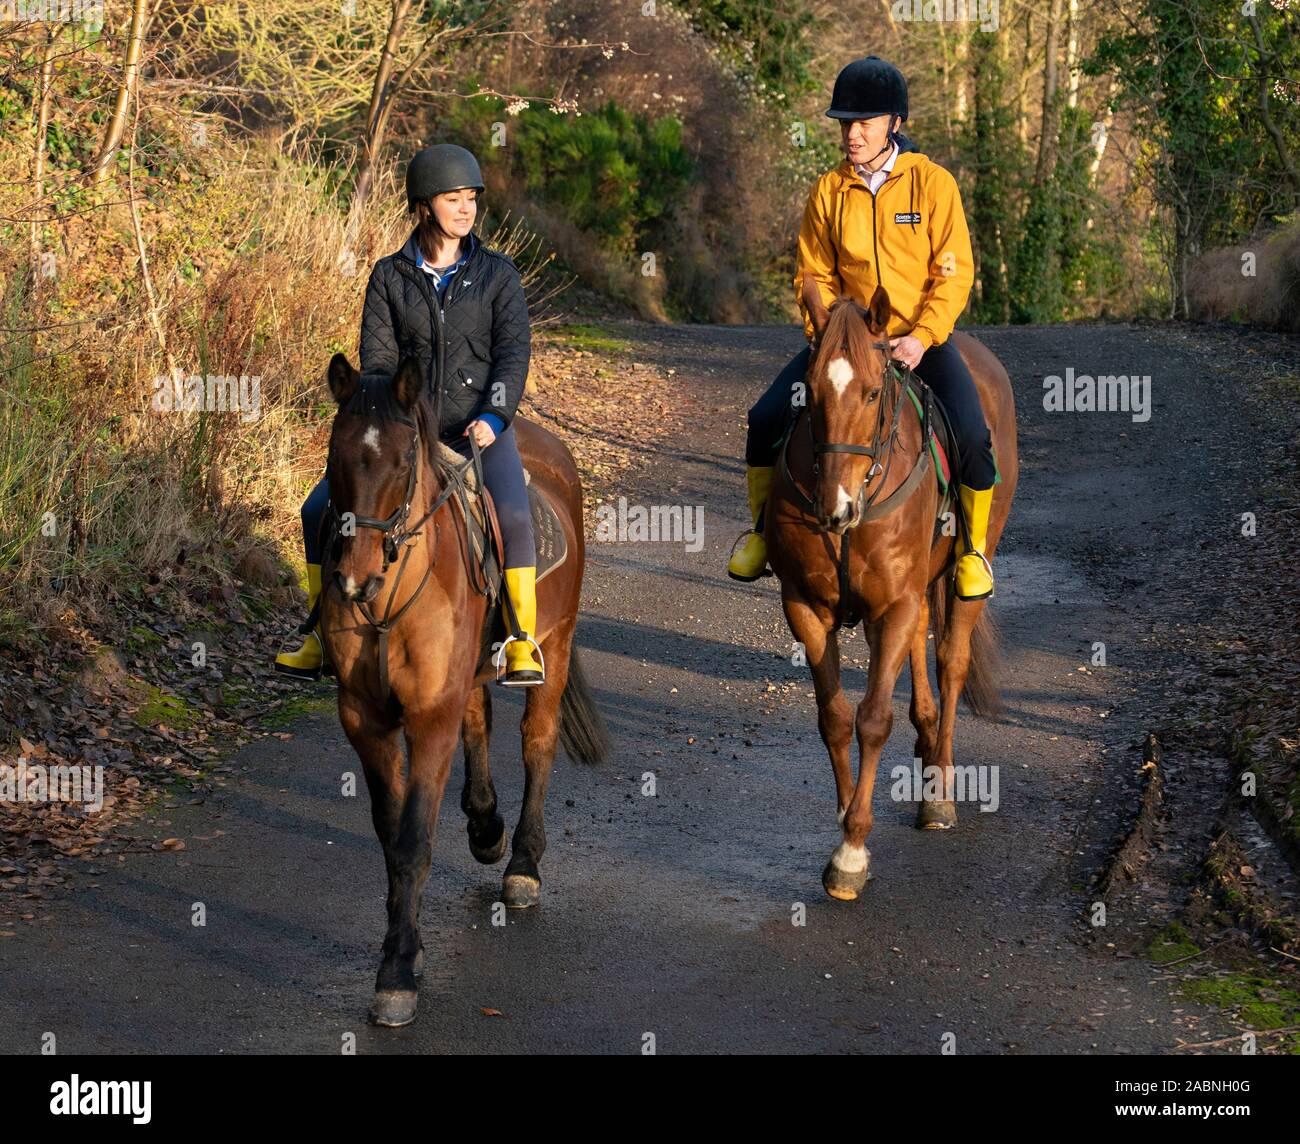 """Lasswade, Escocia, Reino Unido. El 28 de noviembre de 2019. Los liberales demócratas resaltar """"dos carrera de caballos en muchos escaños"""" en Lasswade escuela de equitación. El líder liberal demócrata escocés Willie Rennie y candidato de Berwickshire, Roxburgh & Selkirk, Jenny Marr, visitó el centro de equitación Lasswade para resaltar los liberlademócratas' lugar como principal competidor en muchos escaños en toda Escocia. Iain Masterton/Alamy Live News. Foto de stock"""